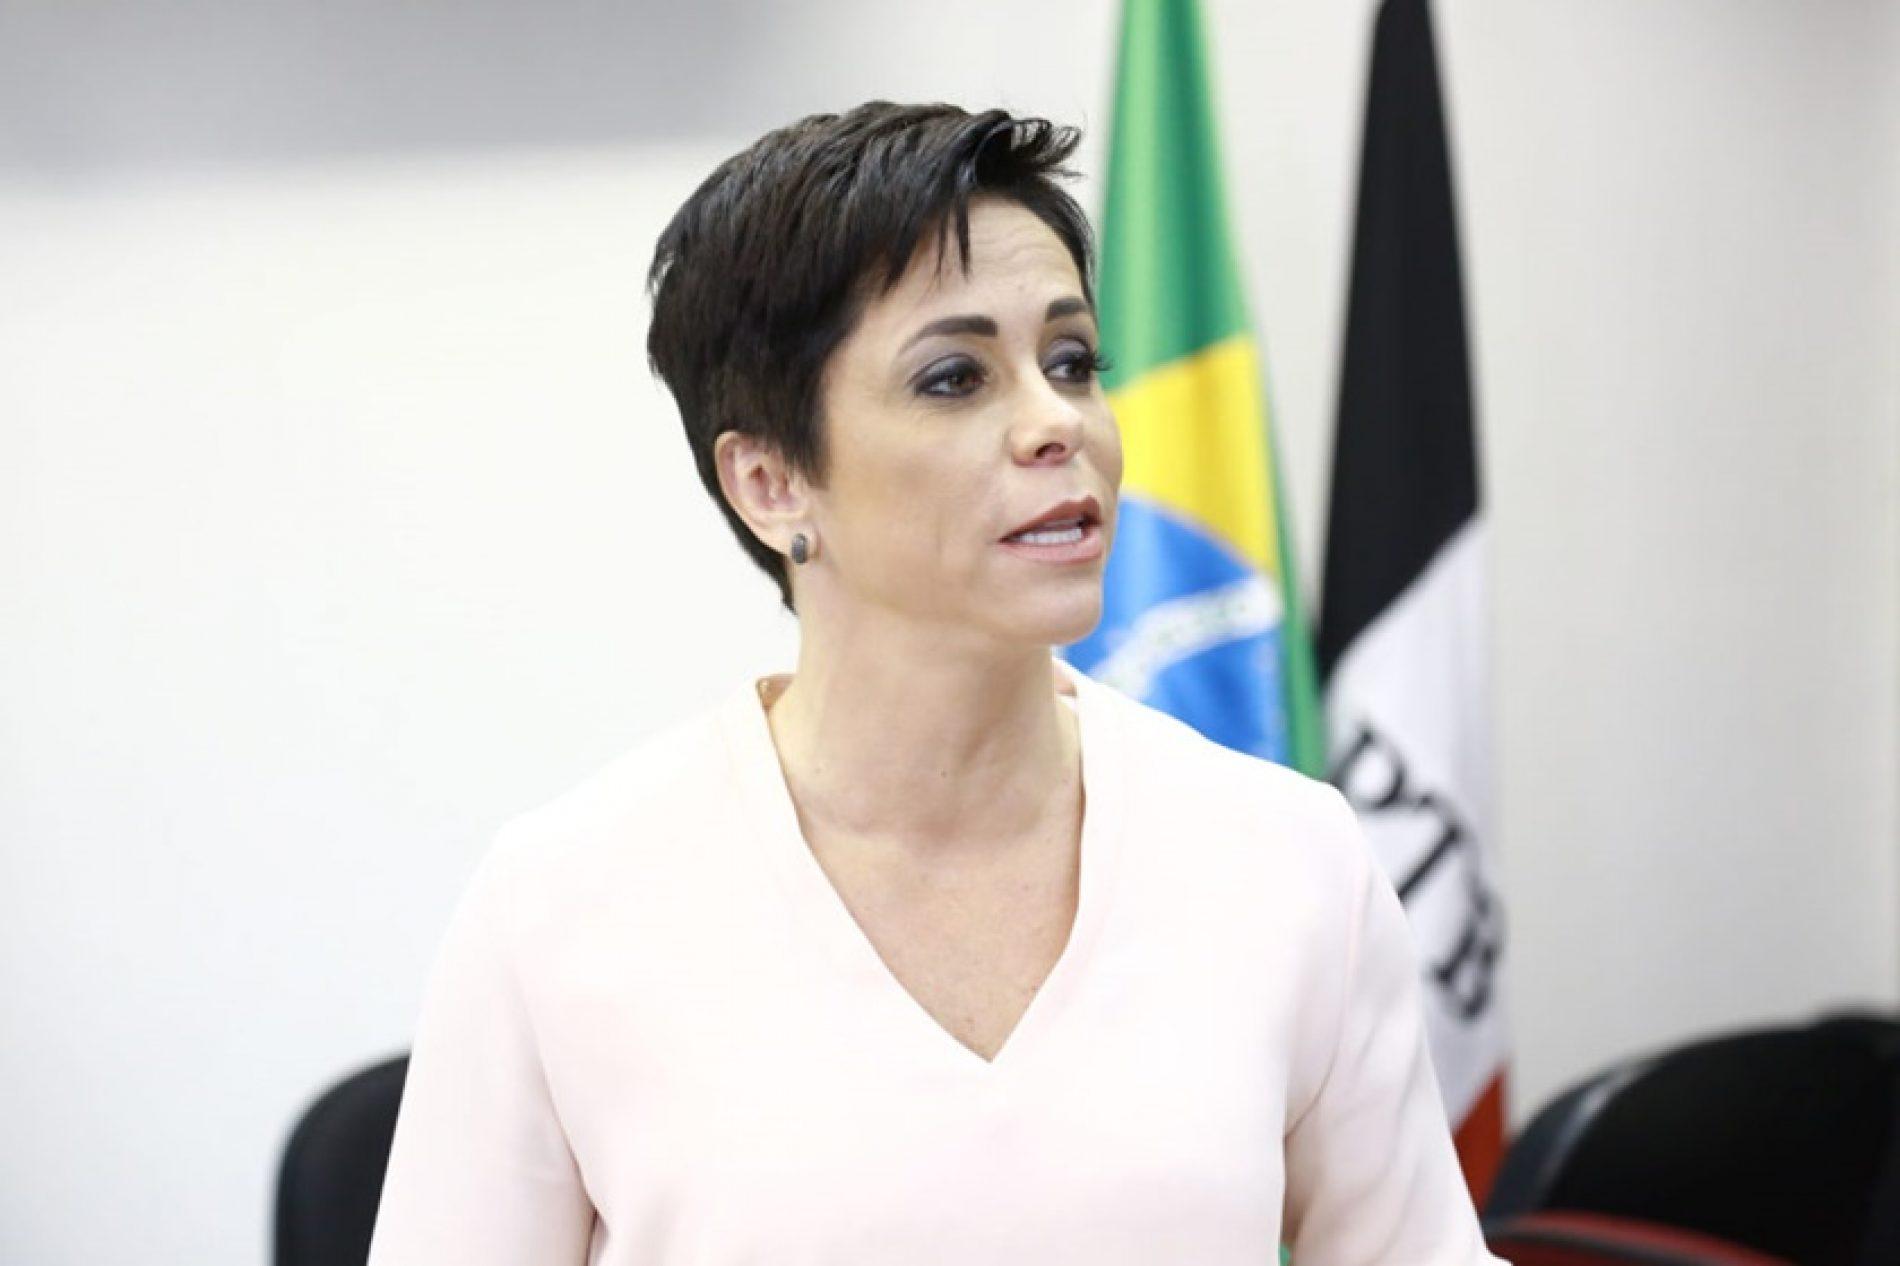 Advogados vão recorrer para impedir posse de Cristiane Brasil